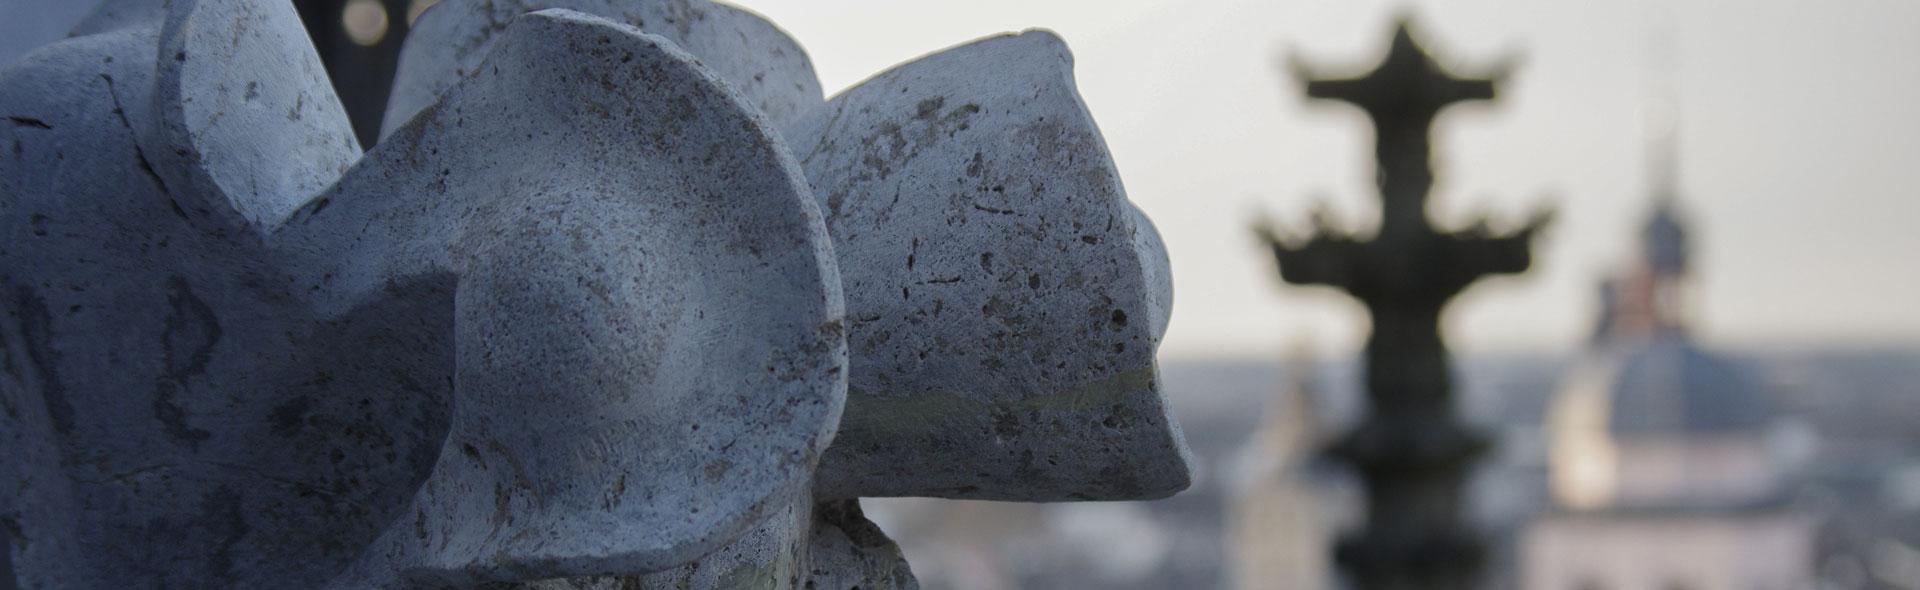 Der Stein vom Kölner Dom